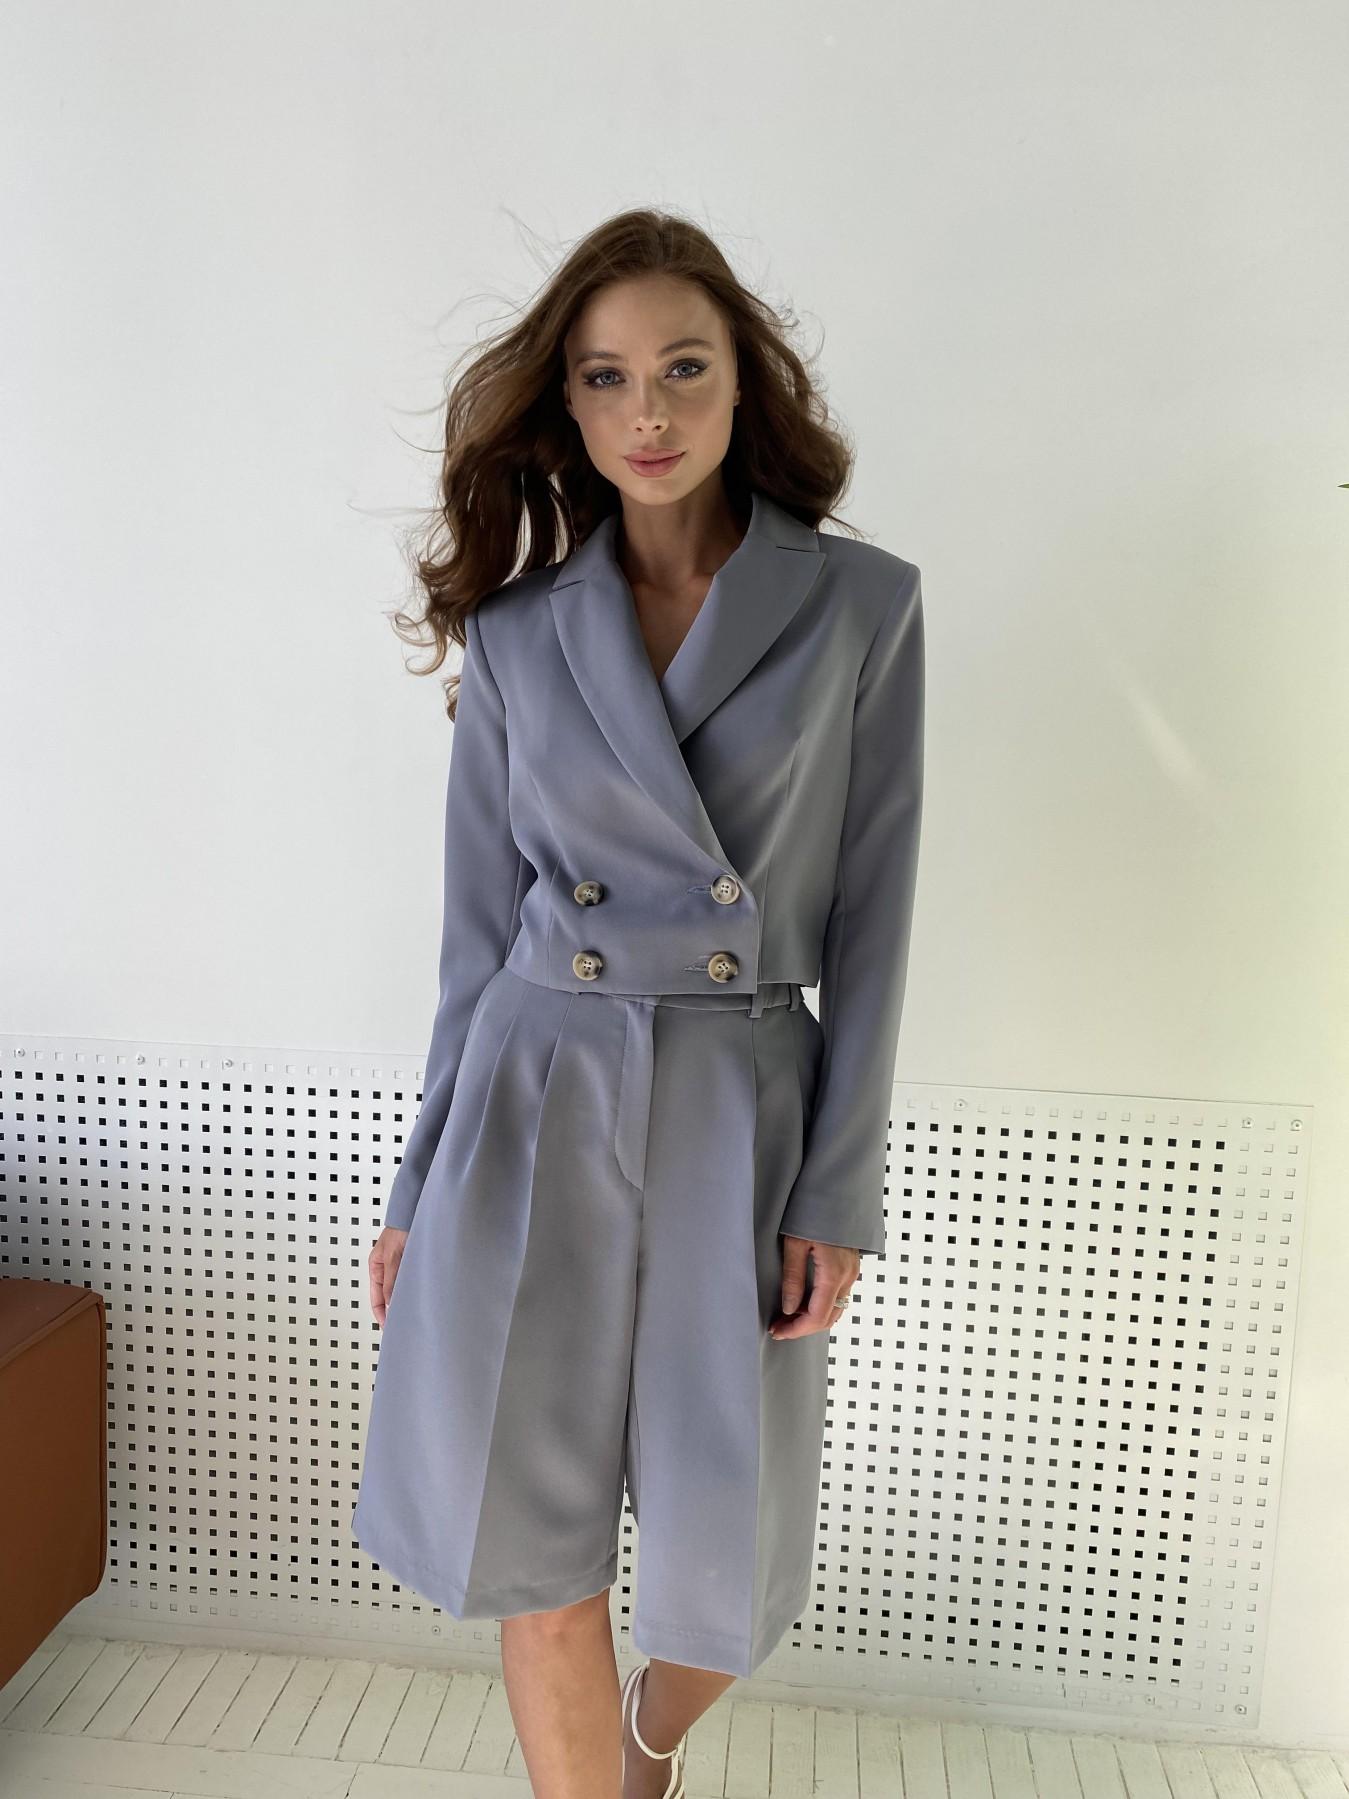 Оксфорд костюм из костюмной ткани стрейч 11548 АРТ. 48387 Цвет: Графит светлый - фото 6, интернет магазин tm-modus.ru